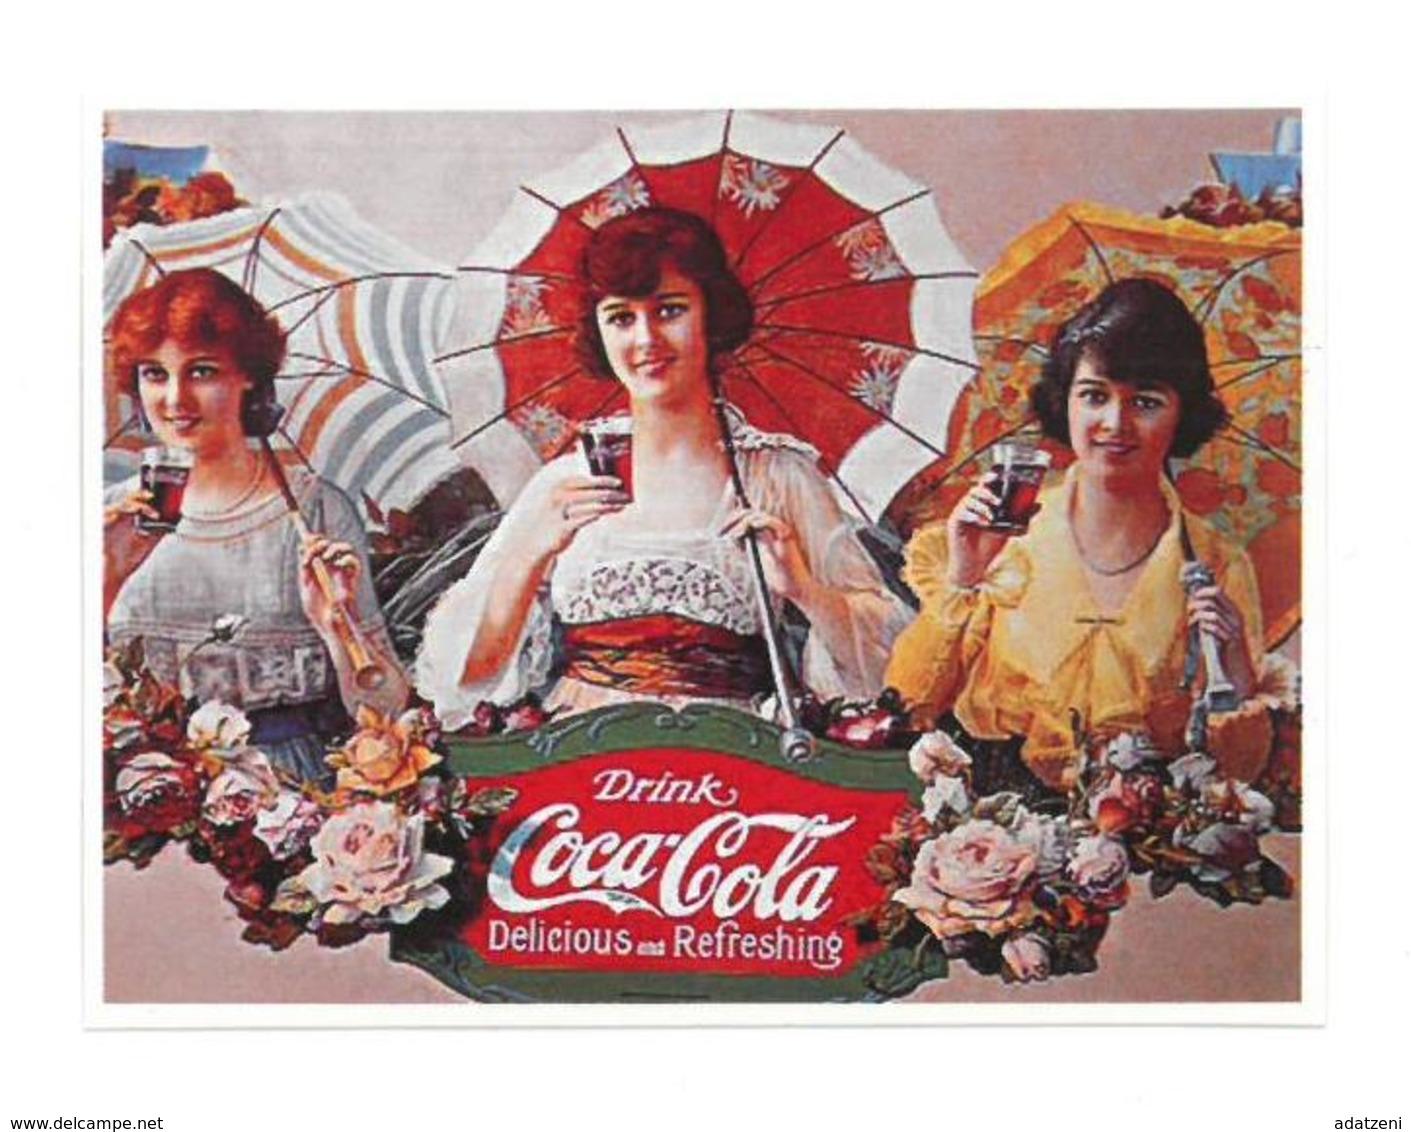 Adesivo Decalcomania Sticker Coca Cola Donna Delicious And Refreshing Dimensioni Cm 8x6 Circa - Altri